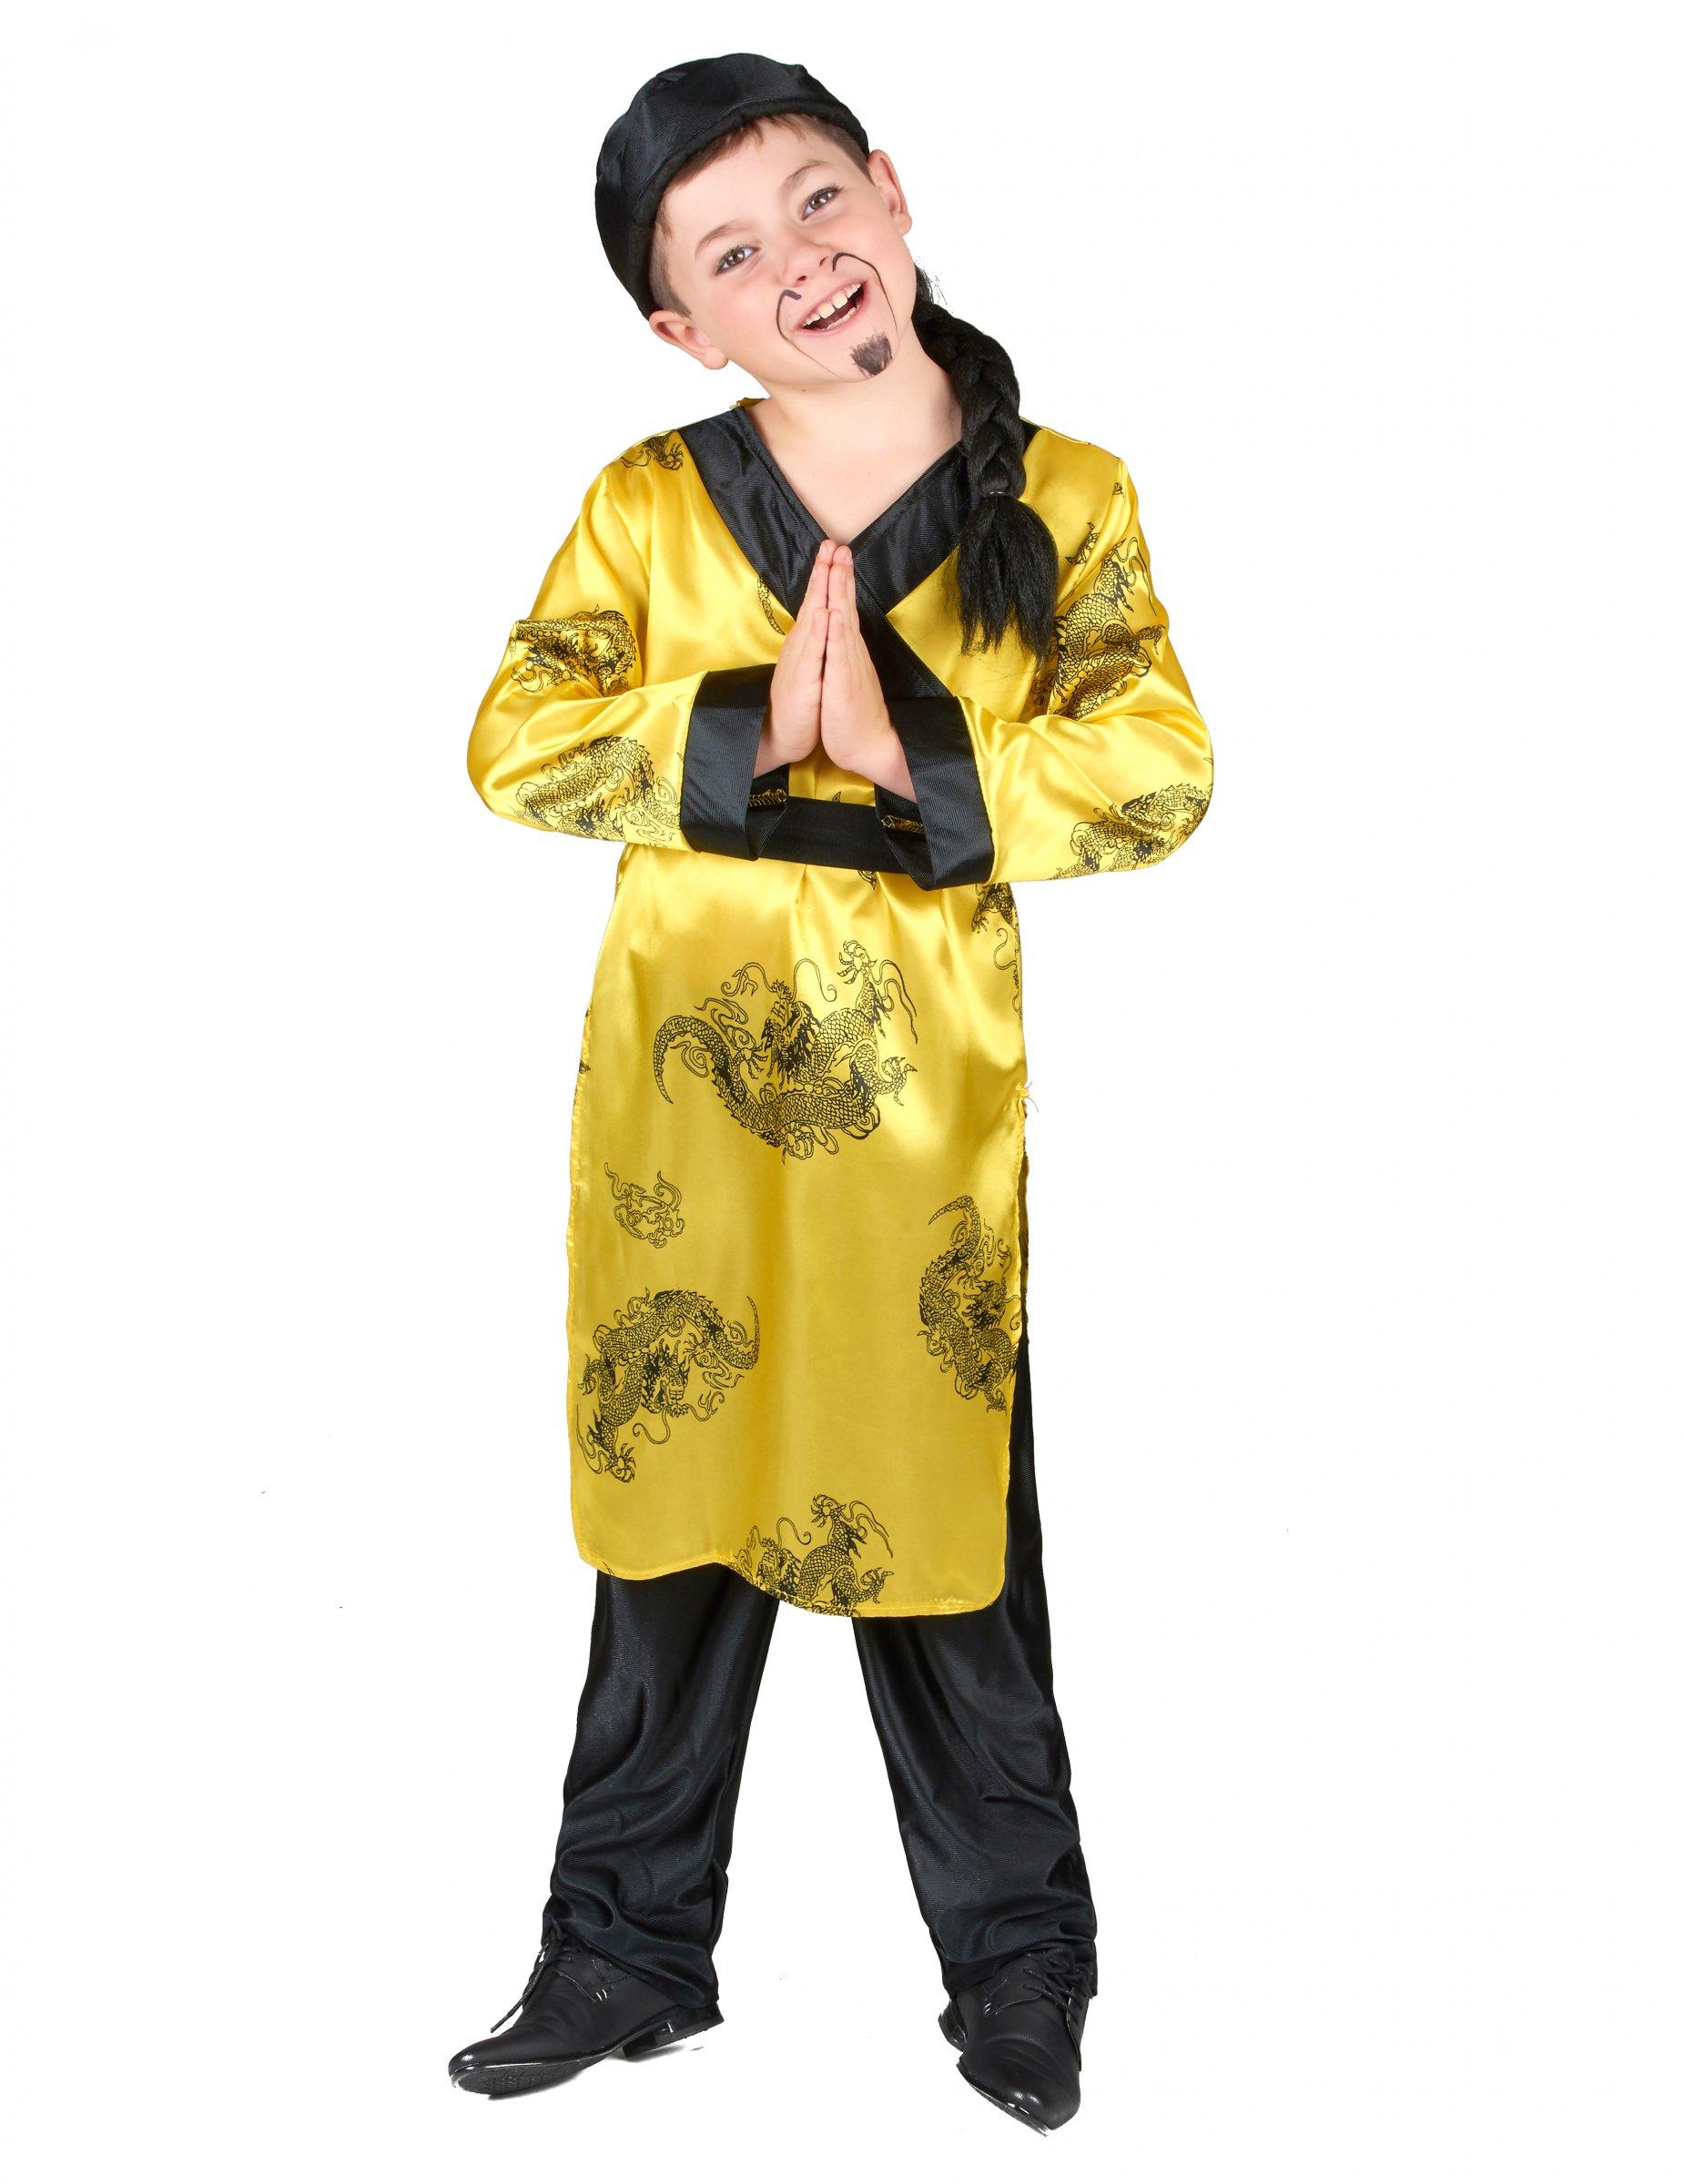 presa di fabbrica vendibile buona reputazione Costume da cinese per bambino